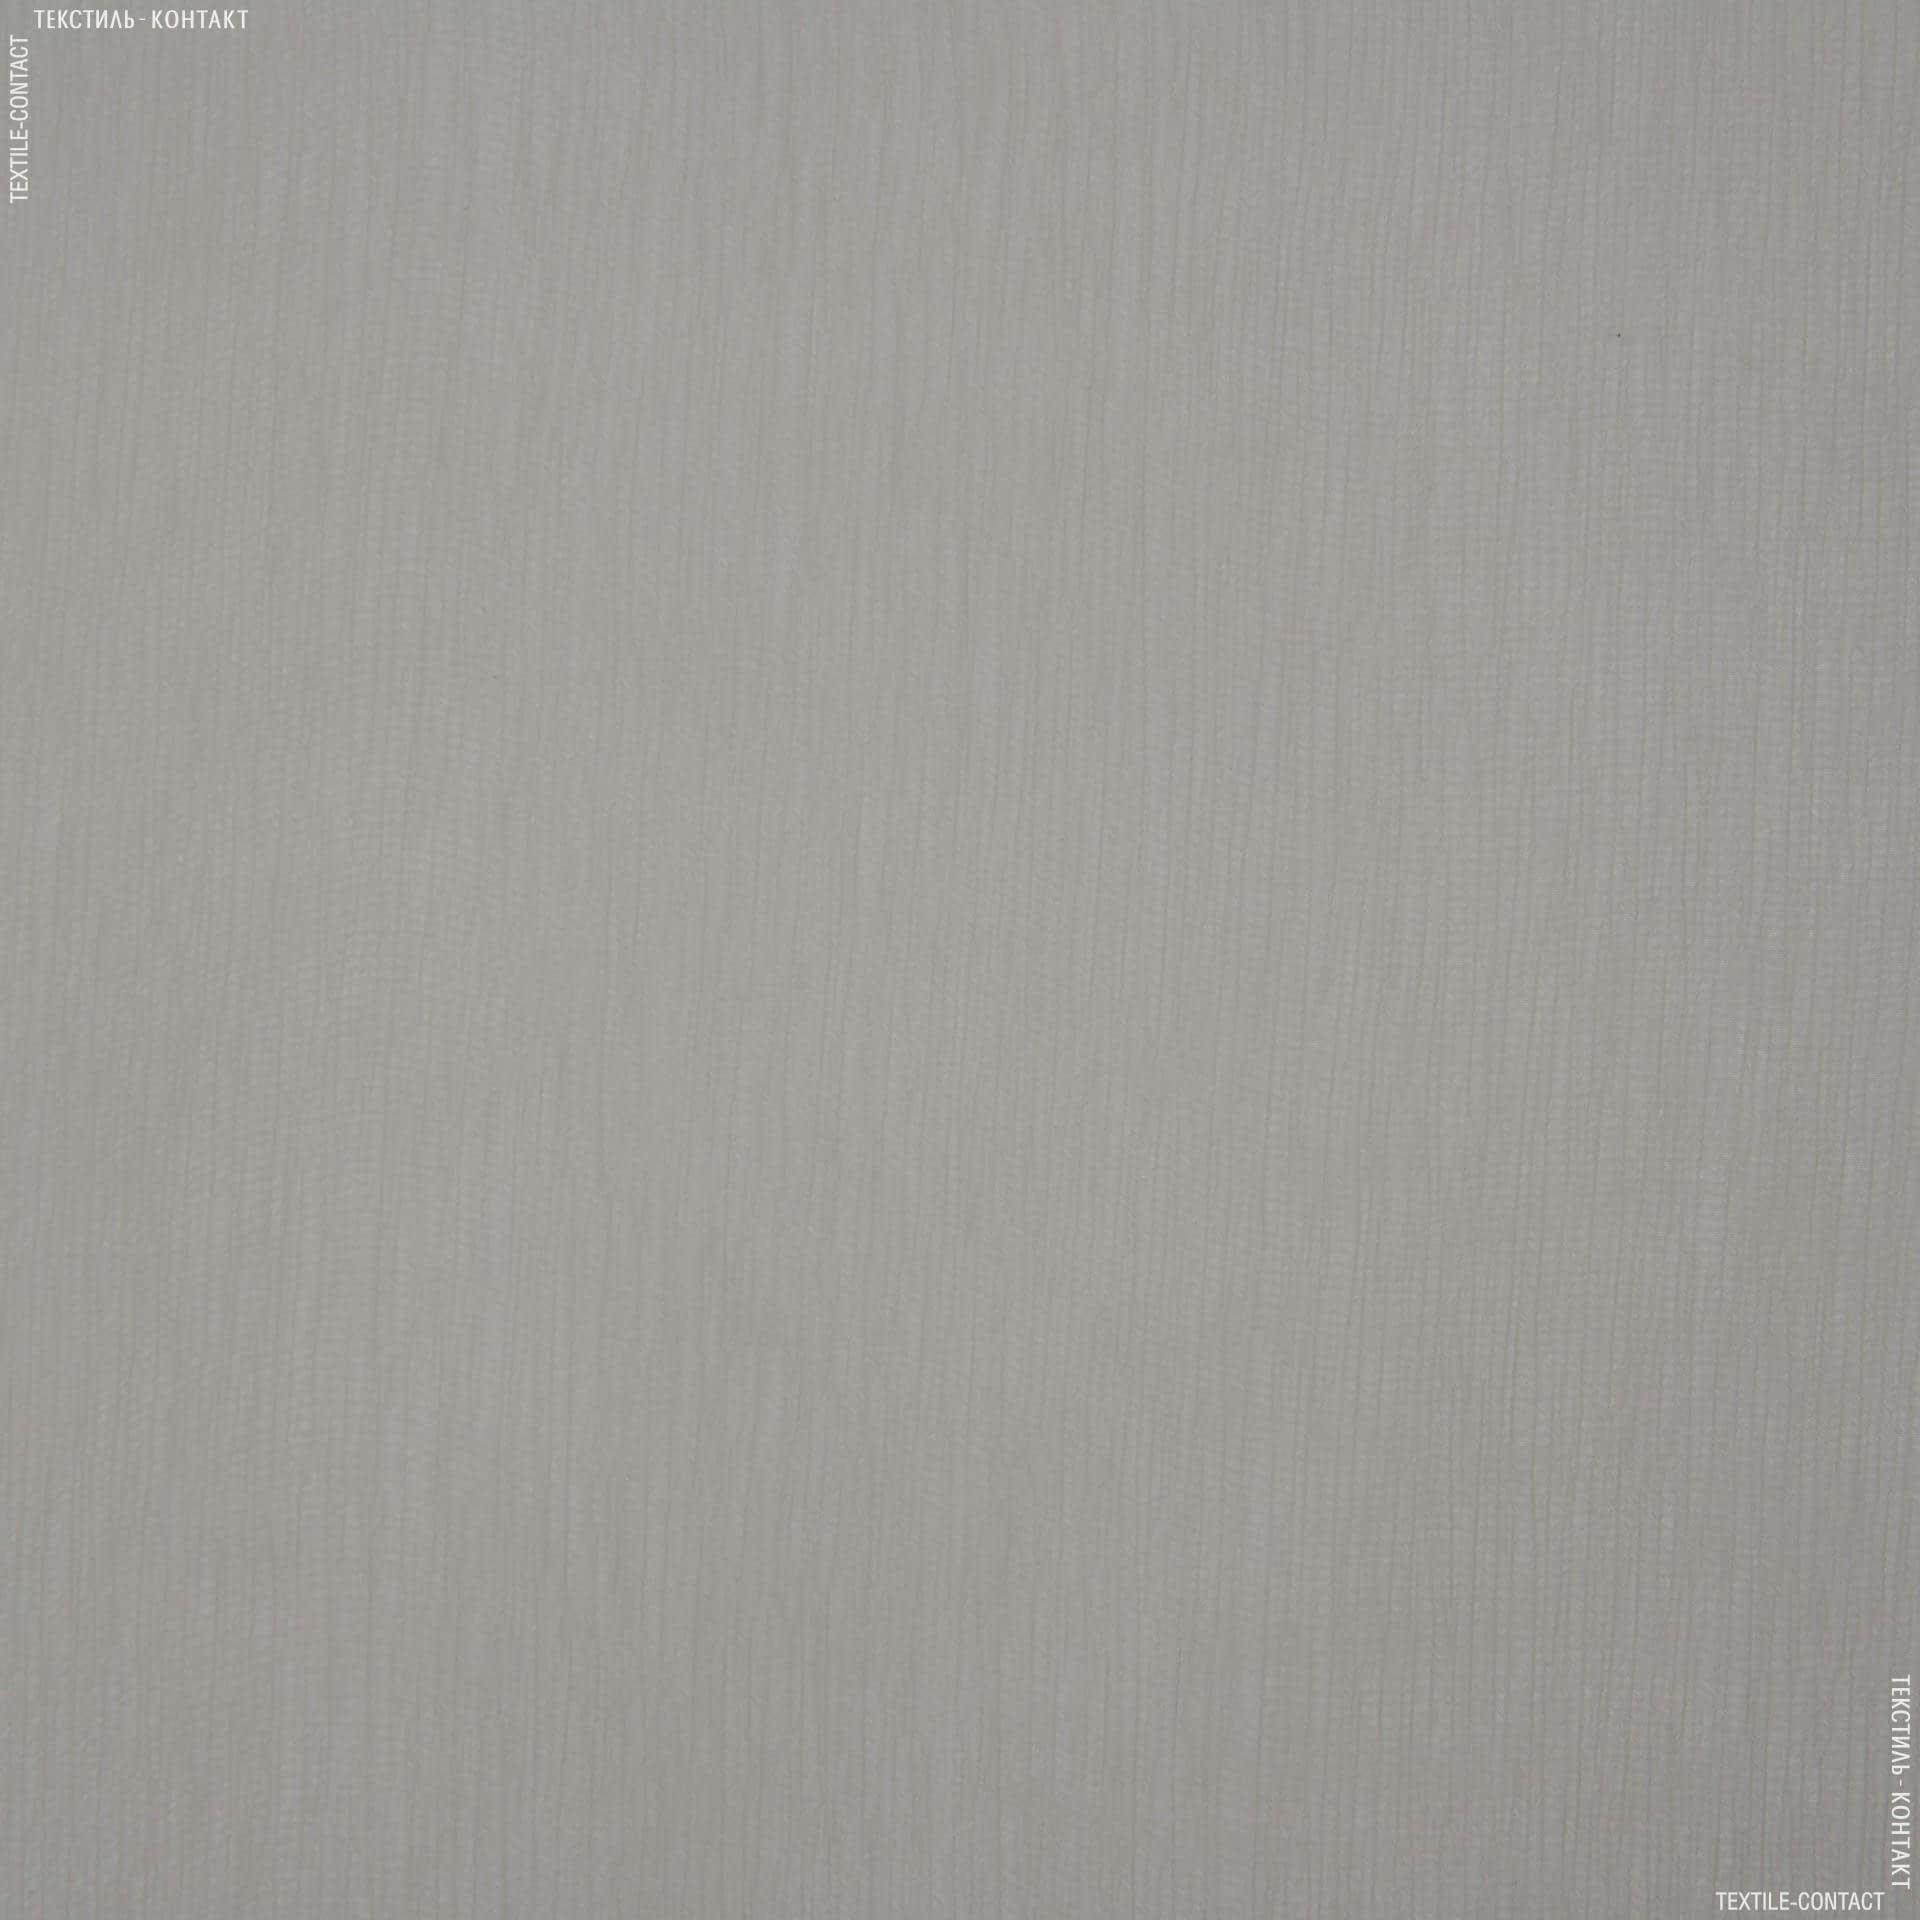 Тканини для хусток та бандан - Шифон євро сріблястий